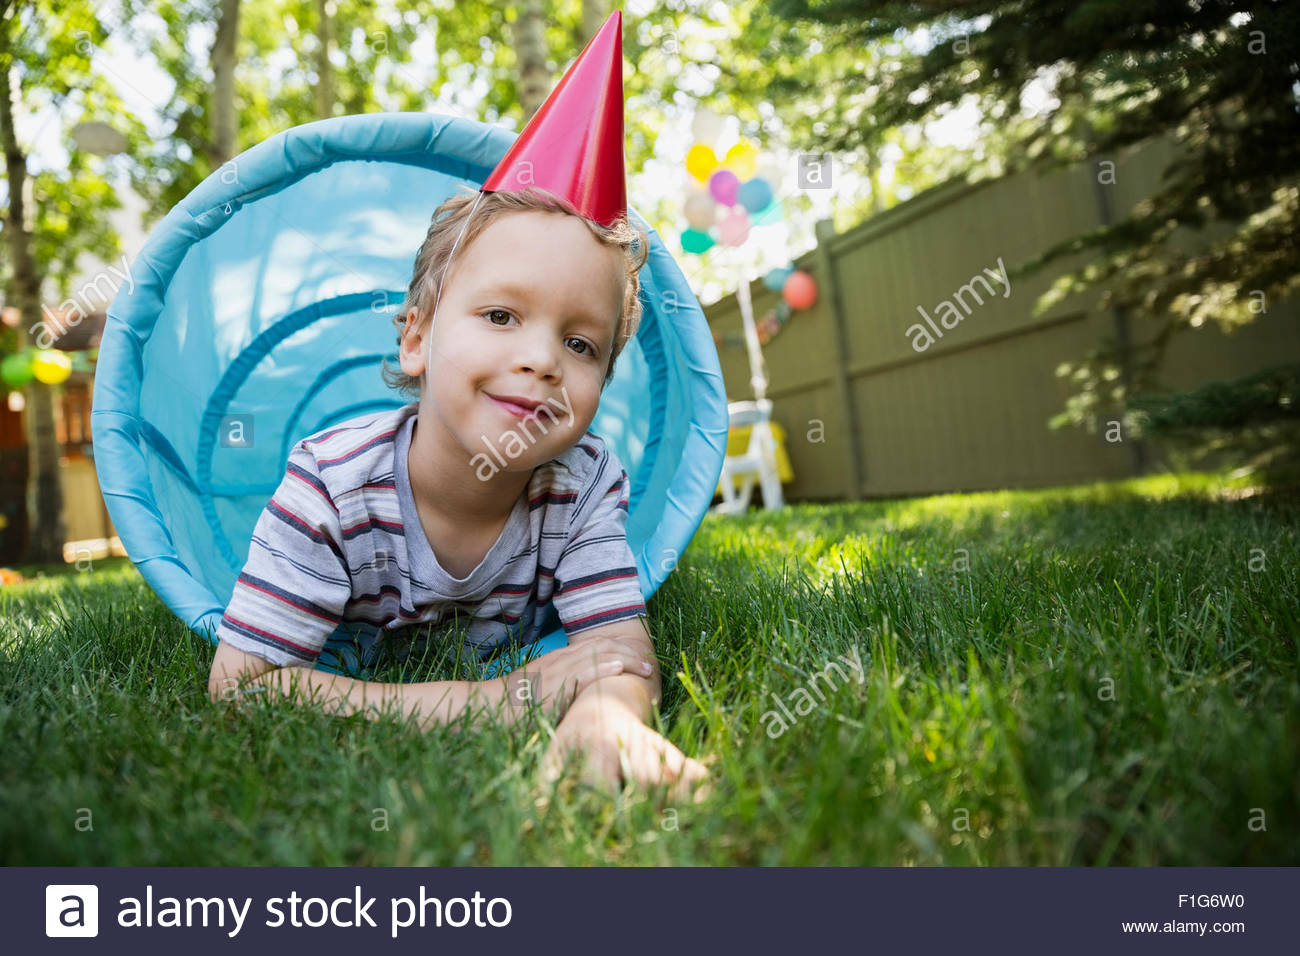 Portrait of boy wearing party hat en tunnel jouet Photo Stock